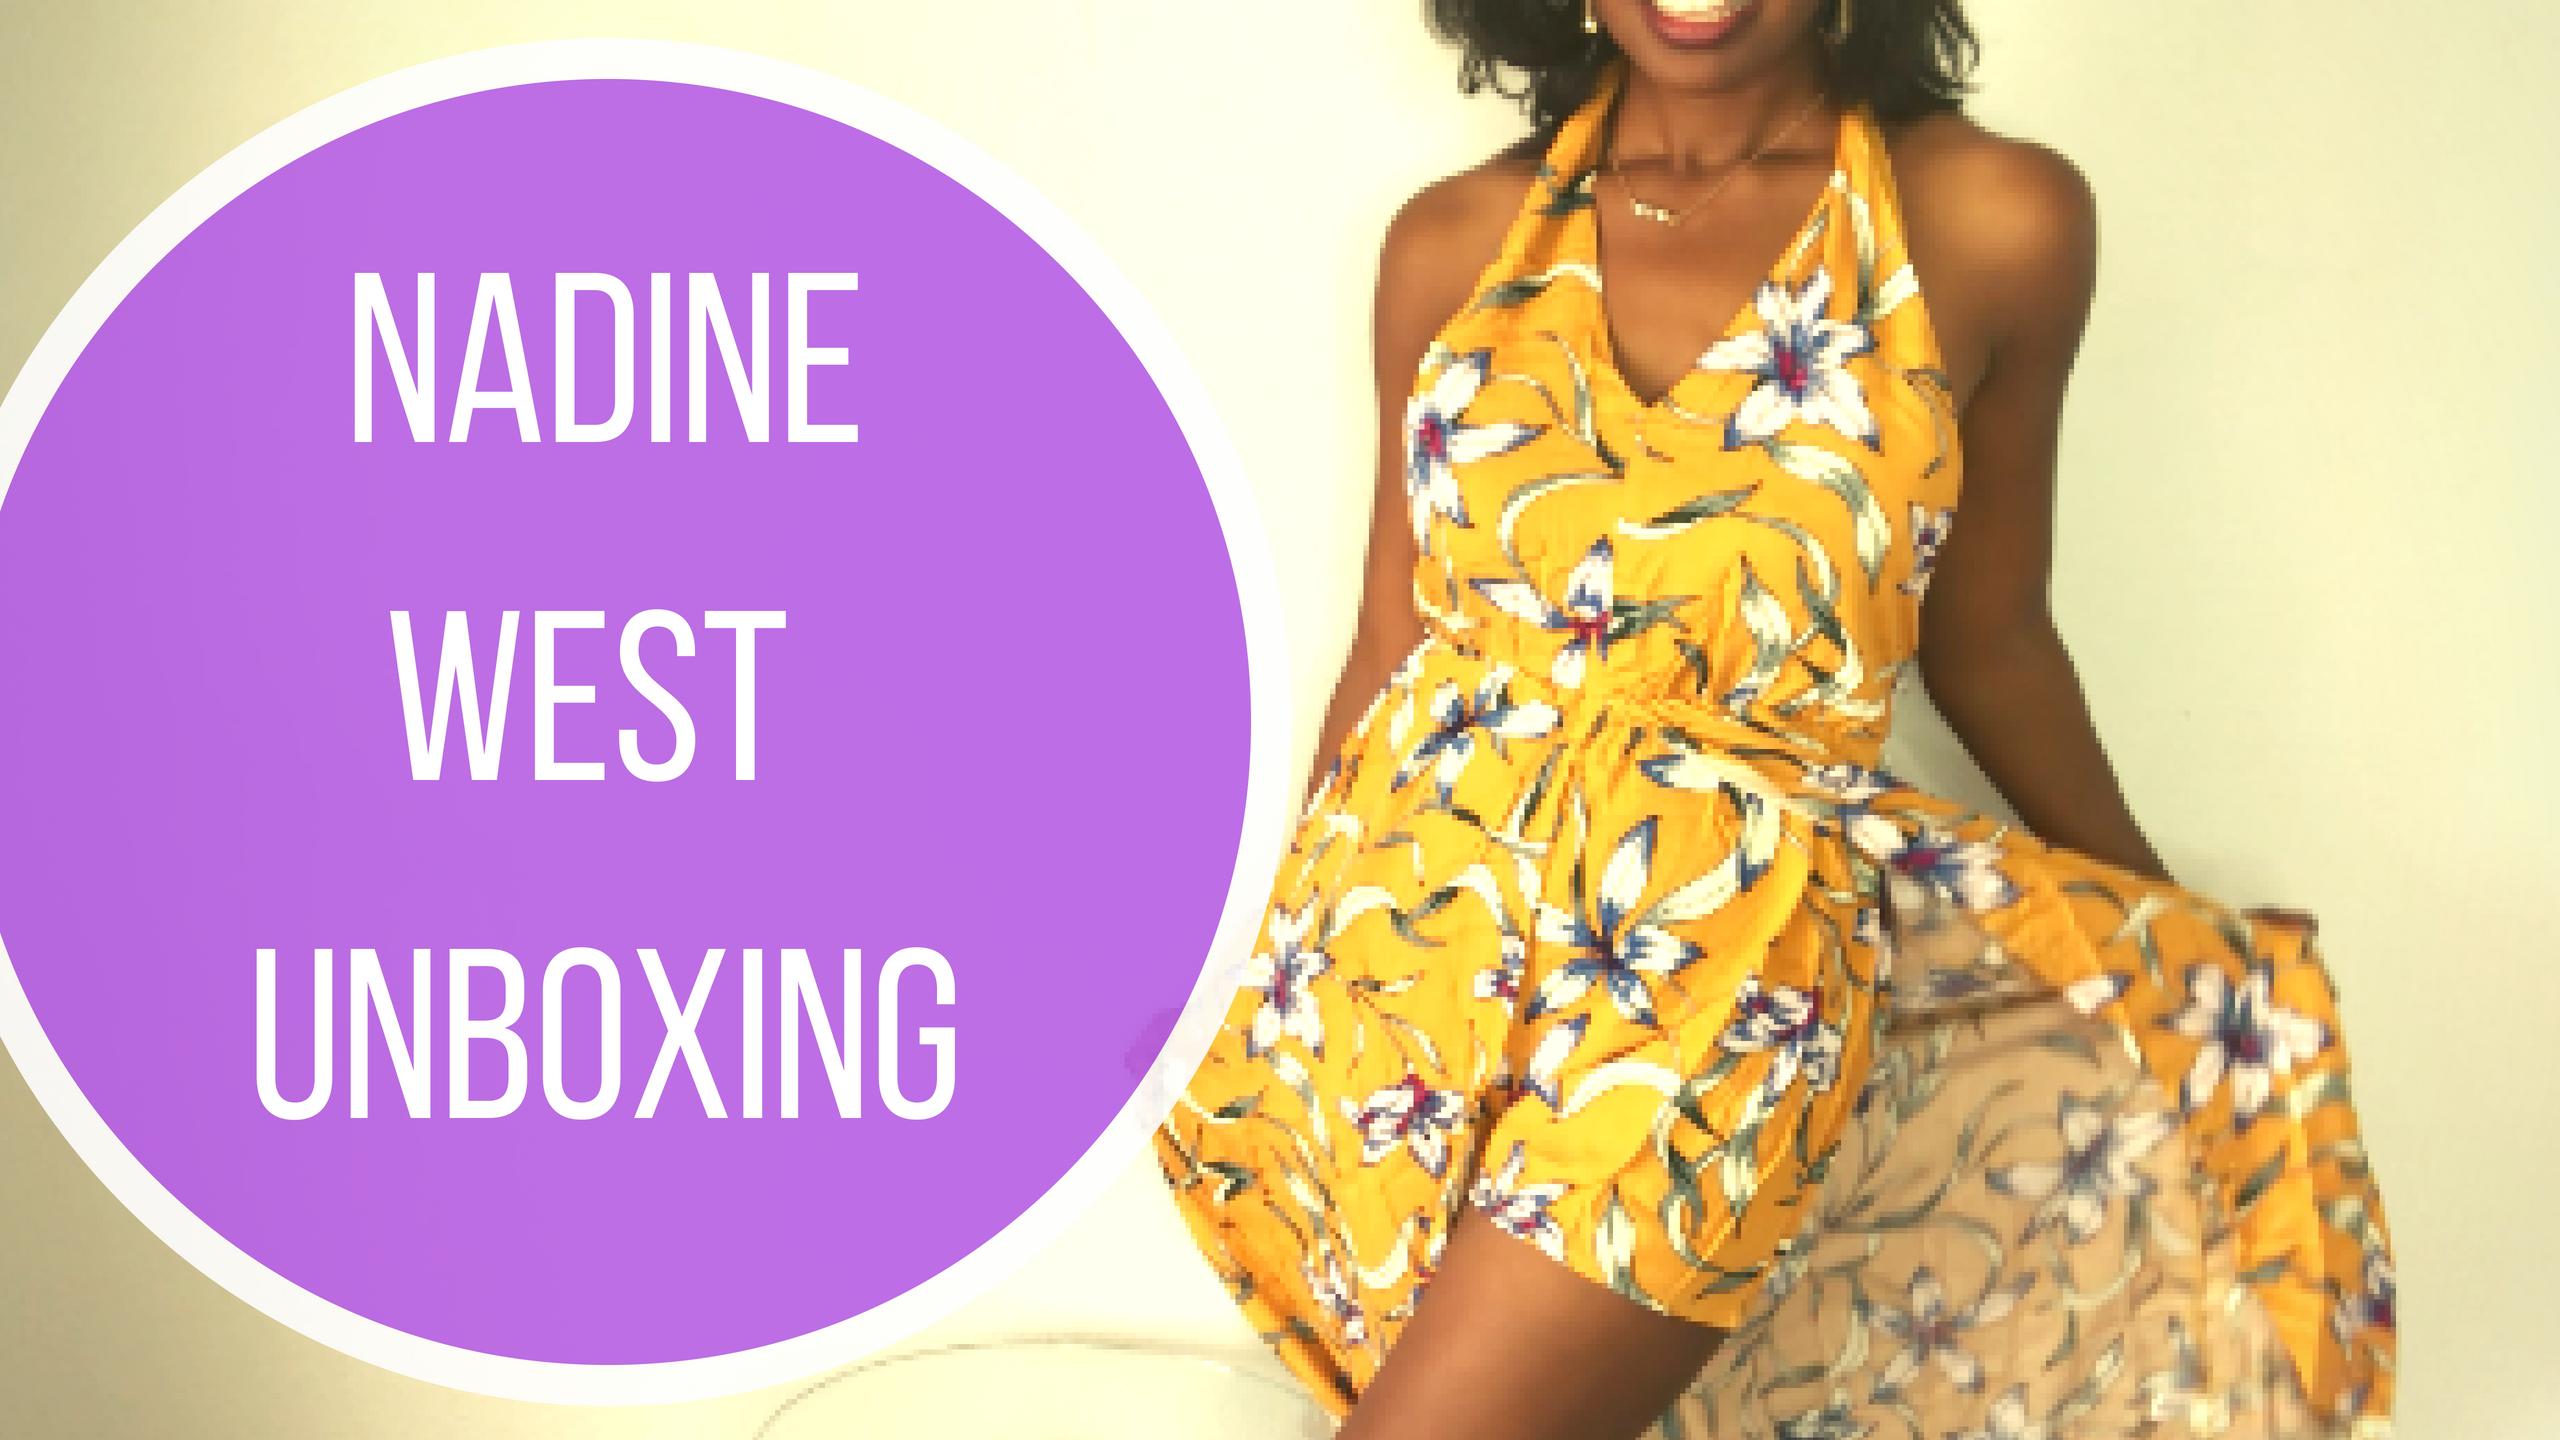 Nadine WestUnboxing (9)